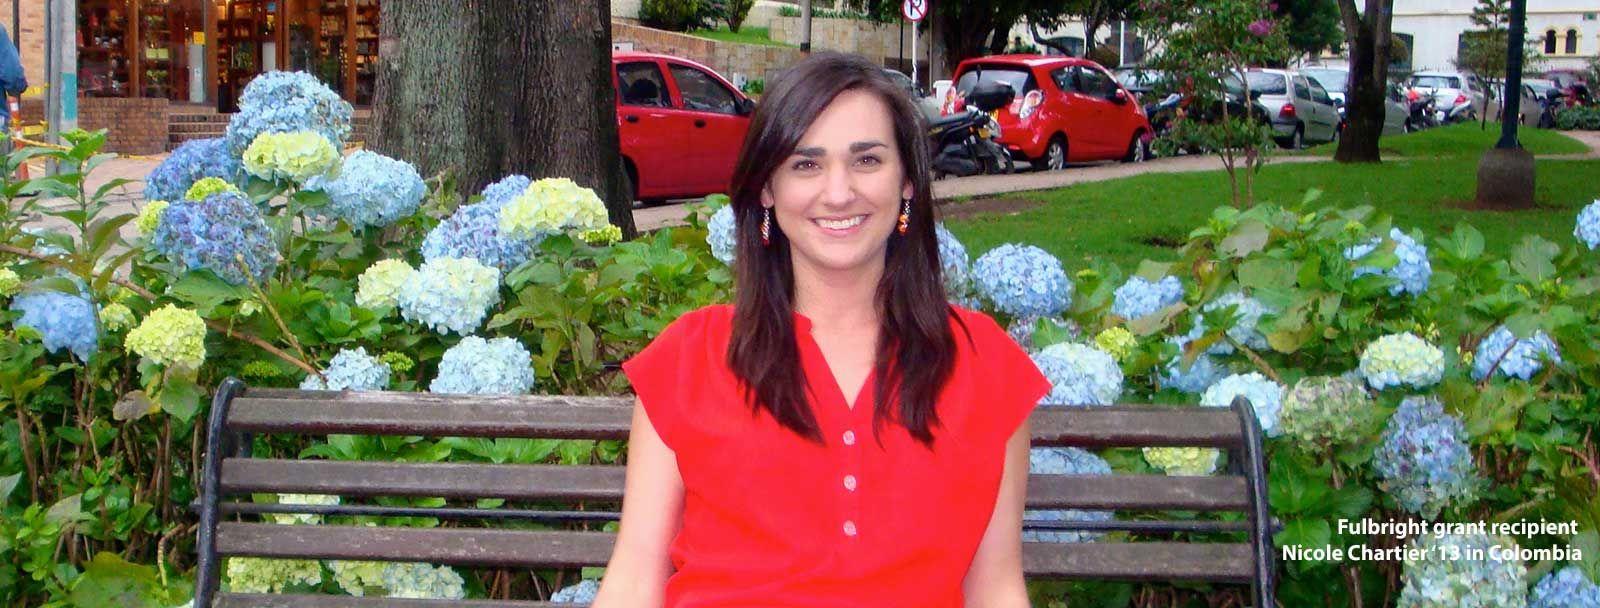 UNH alumna Nicole Chartier '13